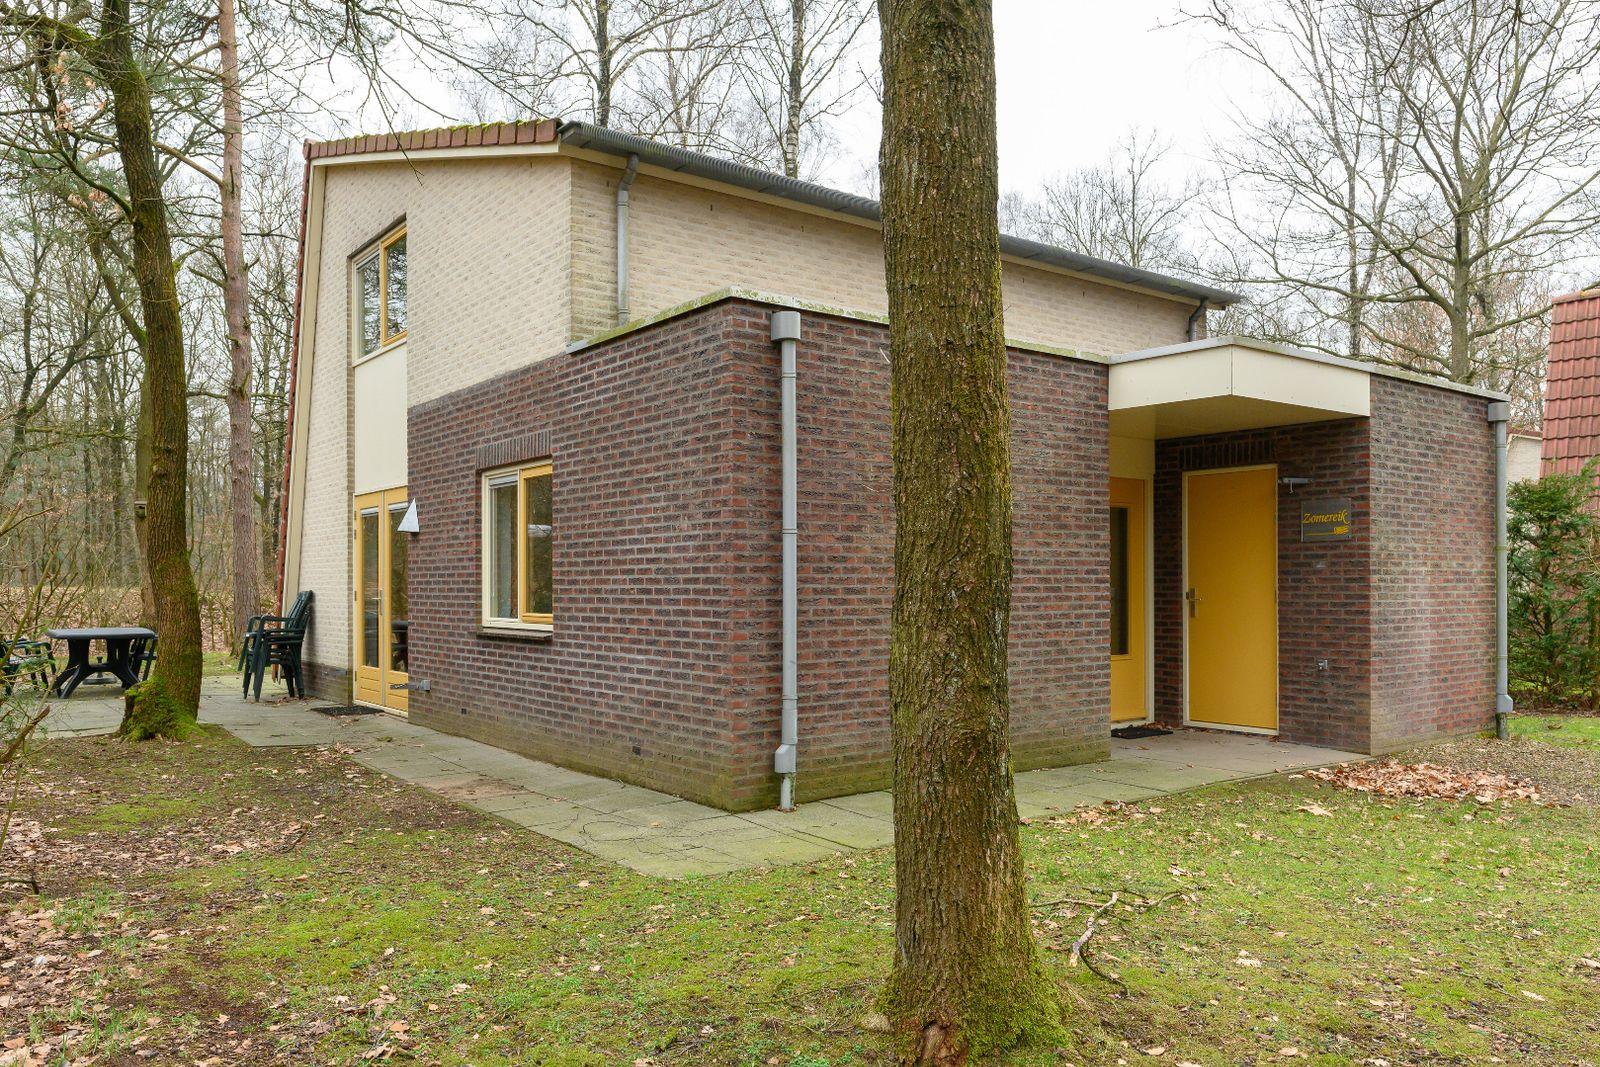 Krimweg 140, Hoenderloo